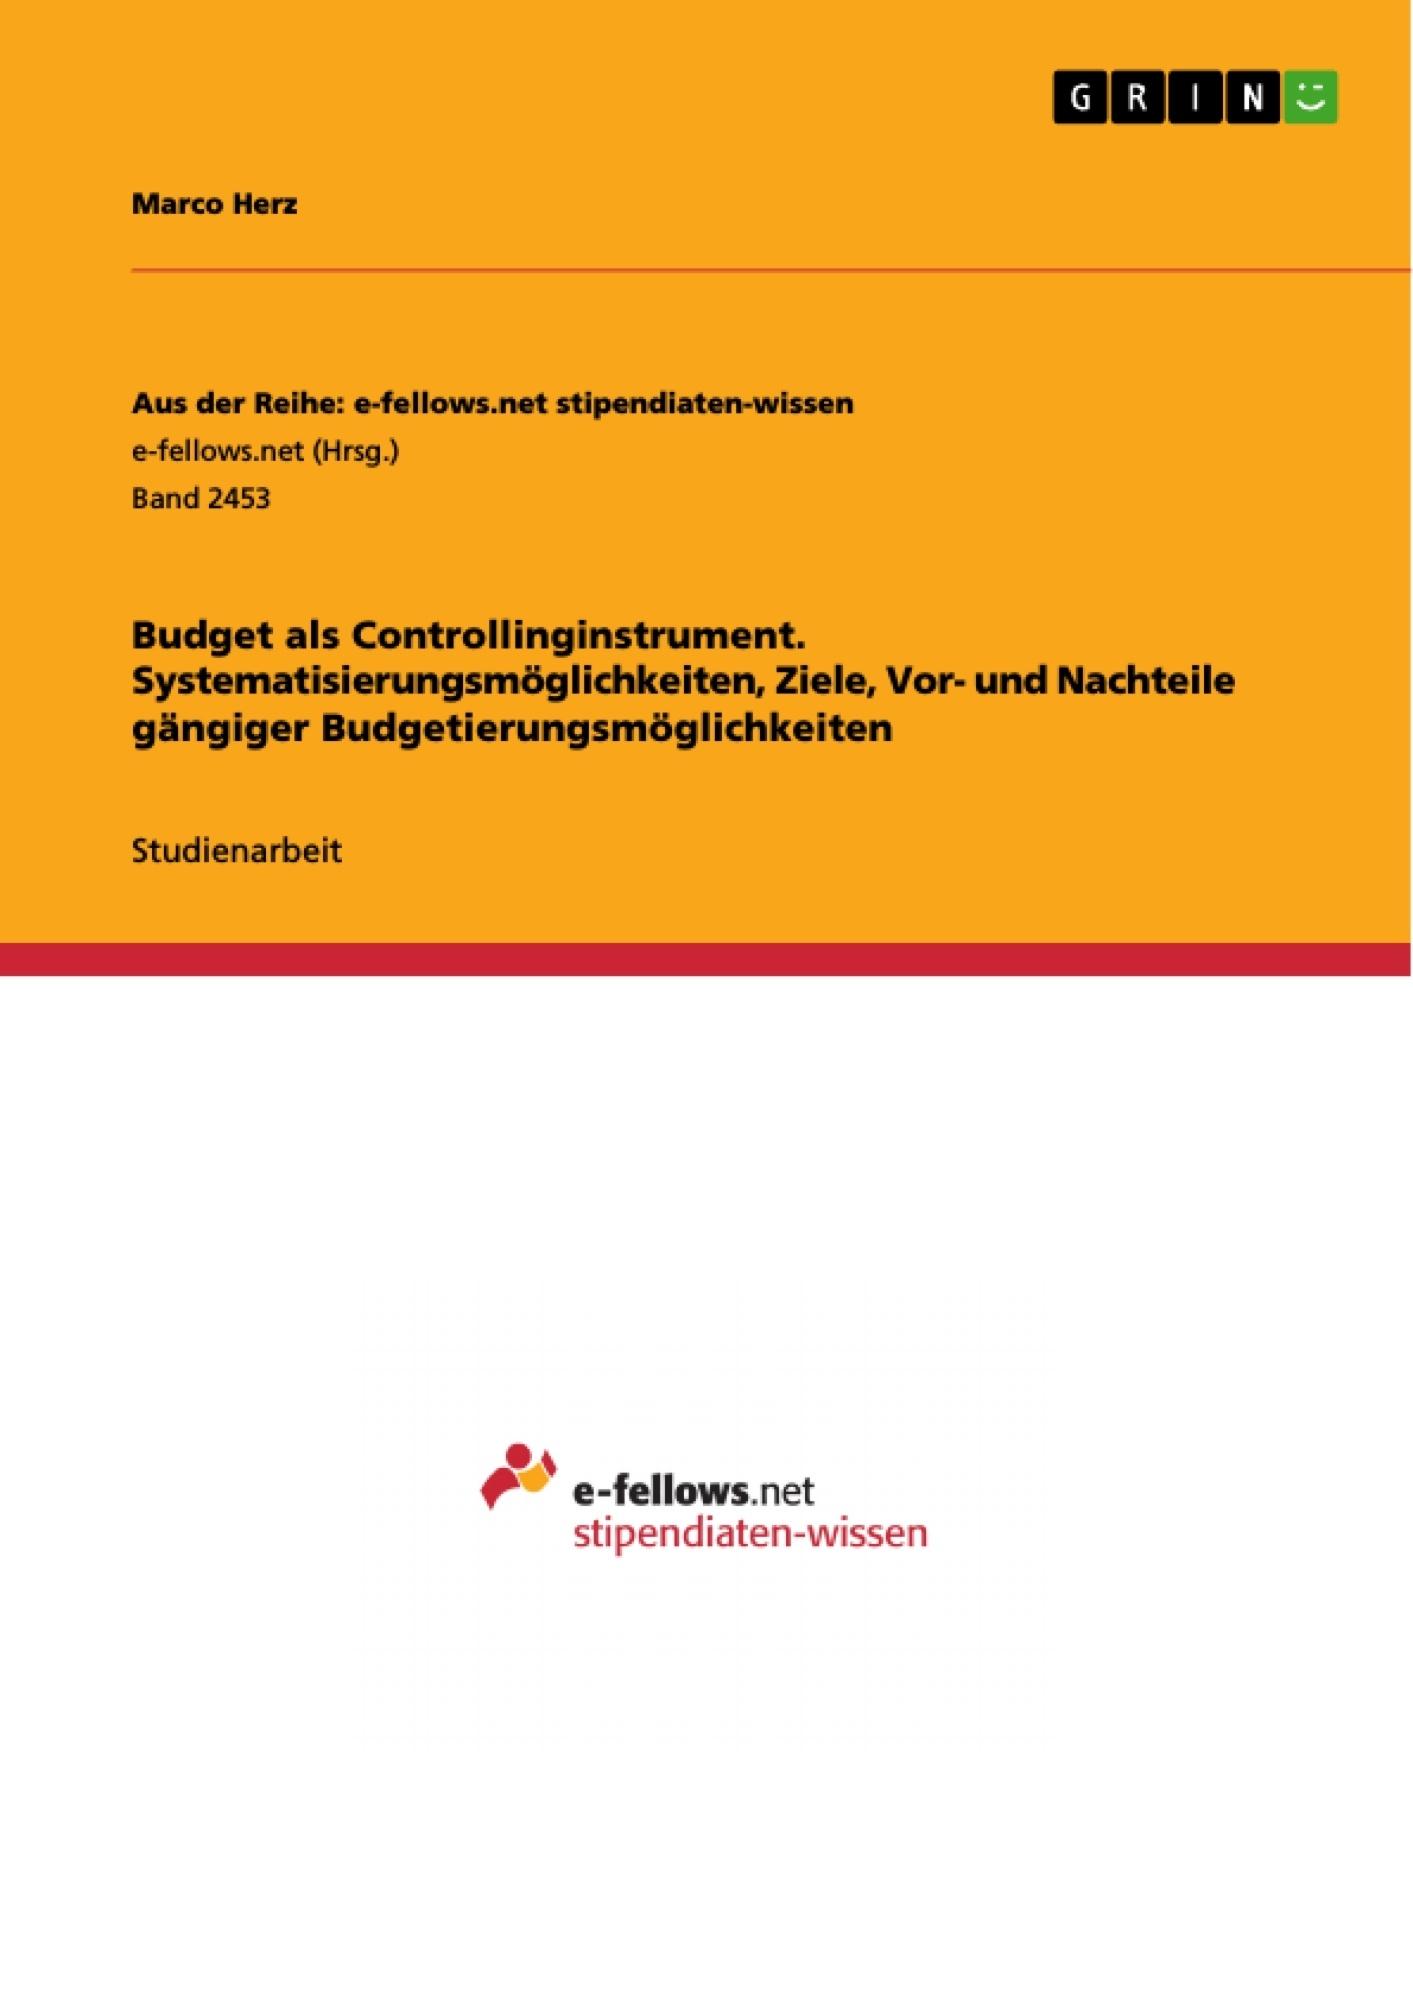 Titel: Budget als Controllinginstrument. Systematisierungsmöglichkeiten, Ziele, Vor- und Nachteile gängiger Budgetierungsmöglichkeiten